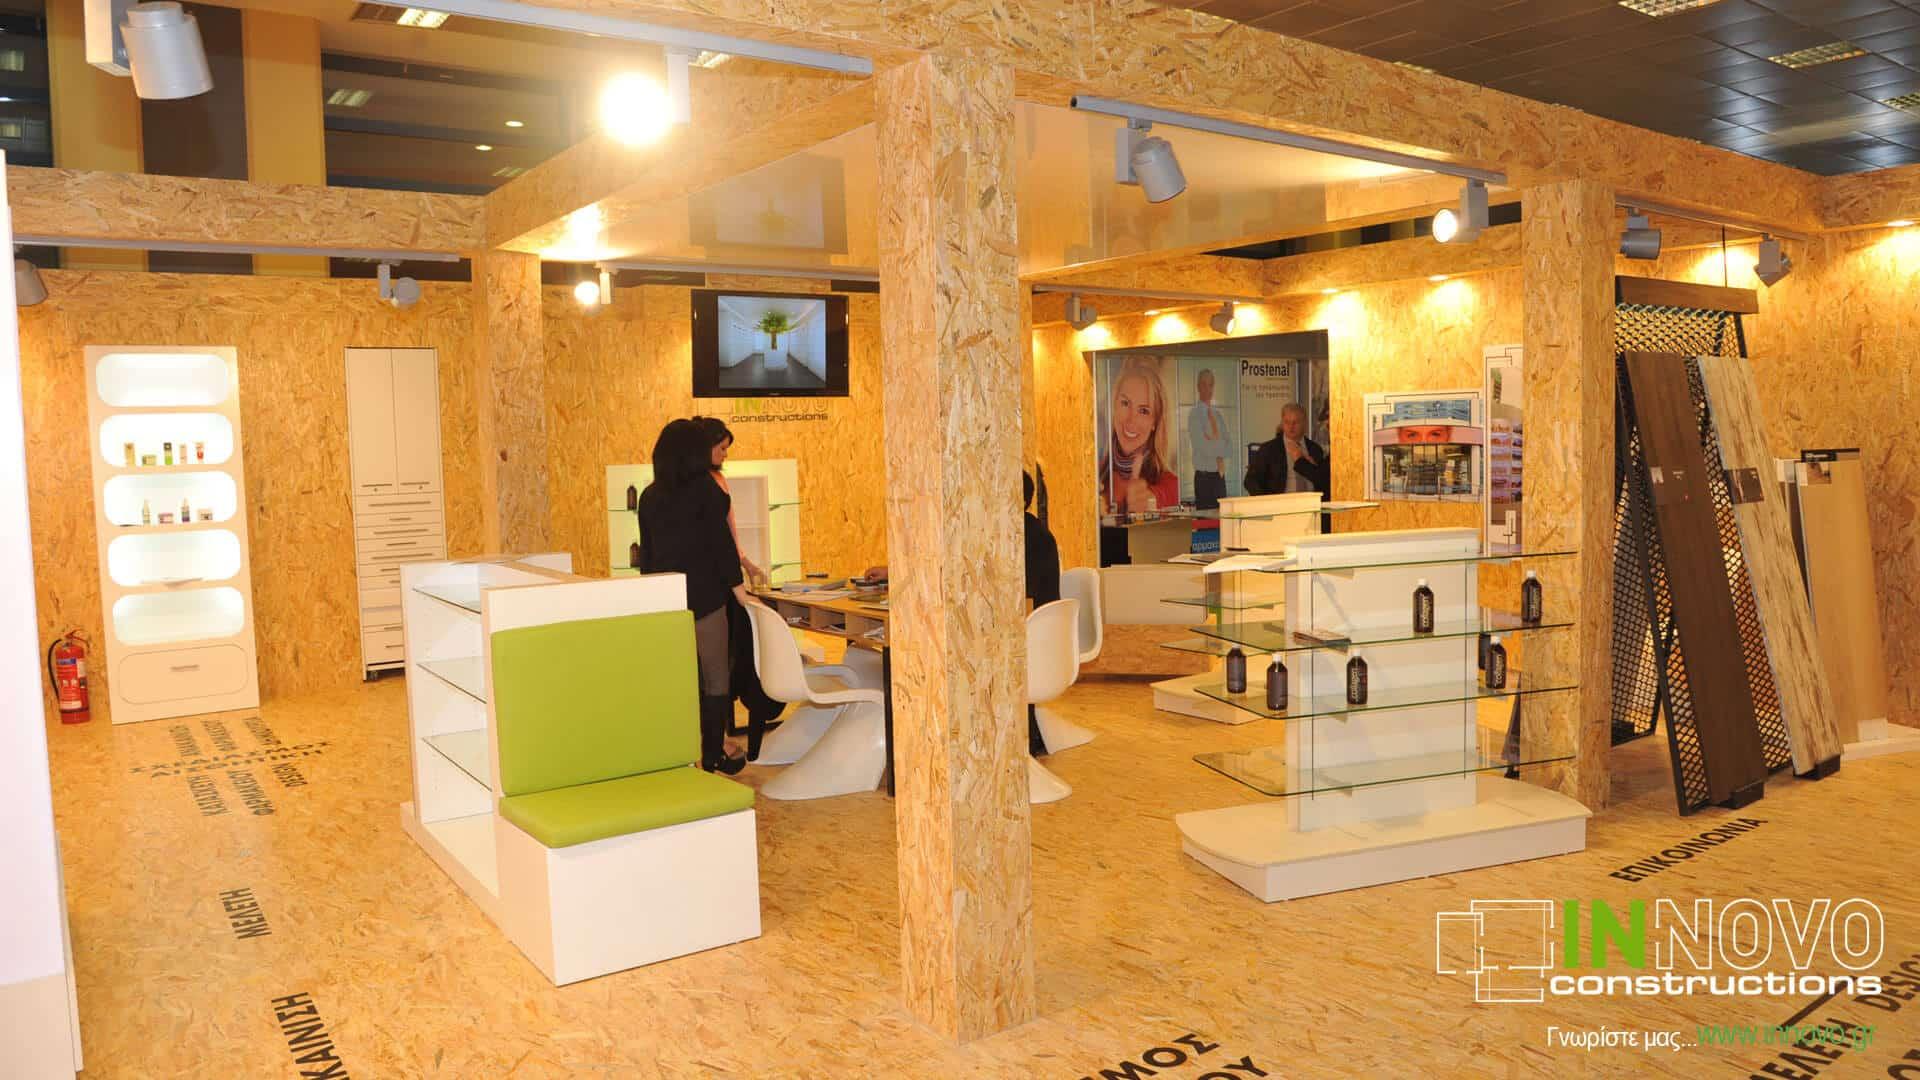 kataskevi-peripterou-exhibition-stand-construction-periptero-mas-hellaspharm2014-2-2